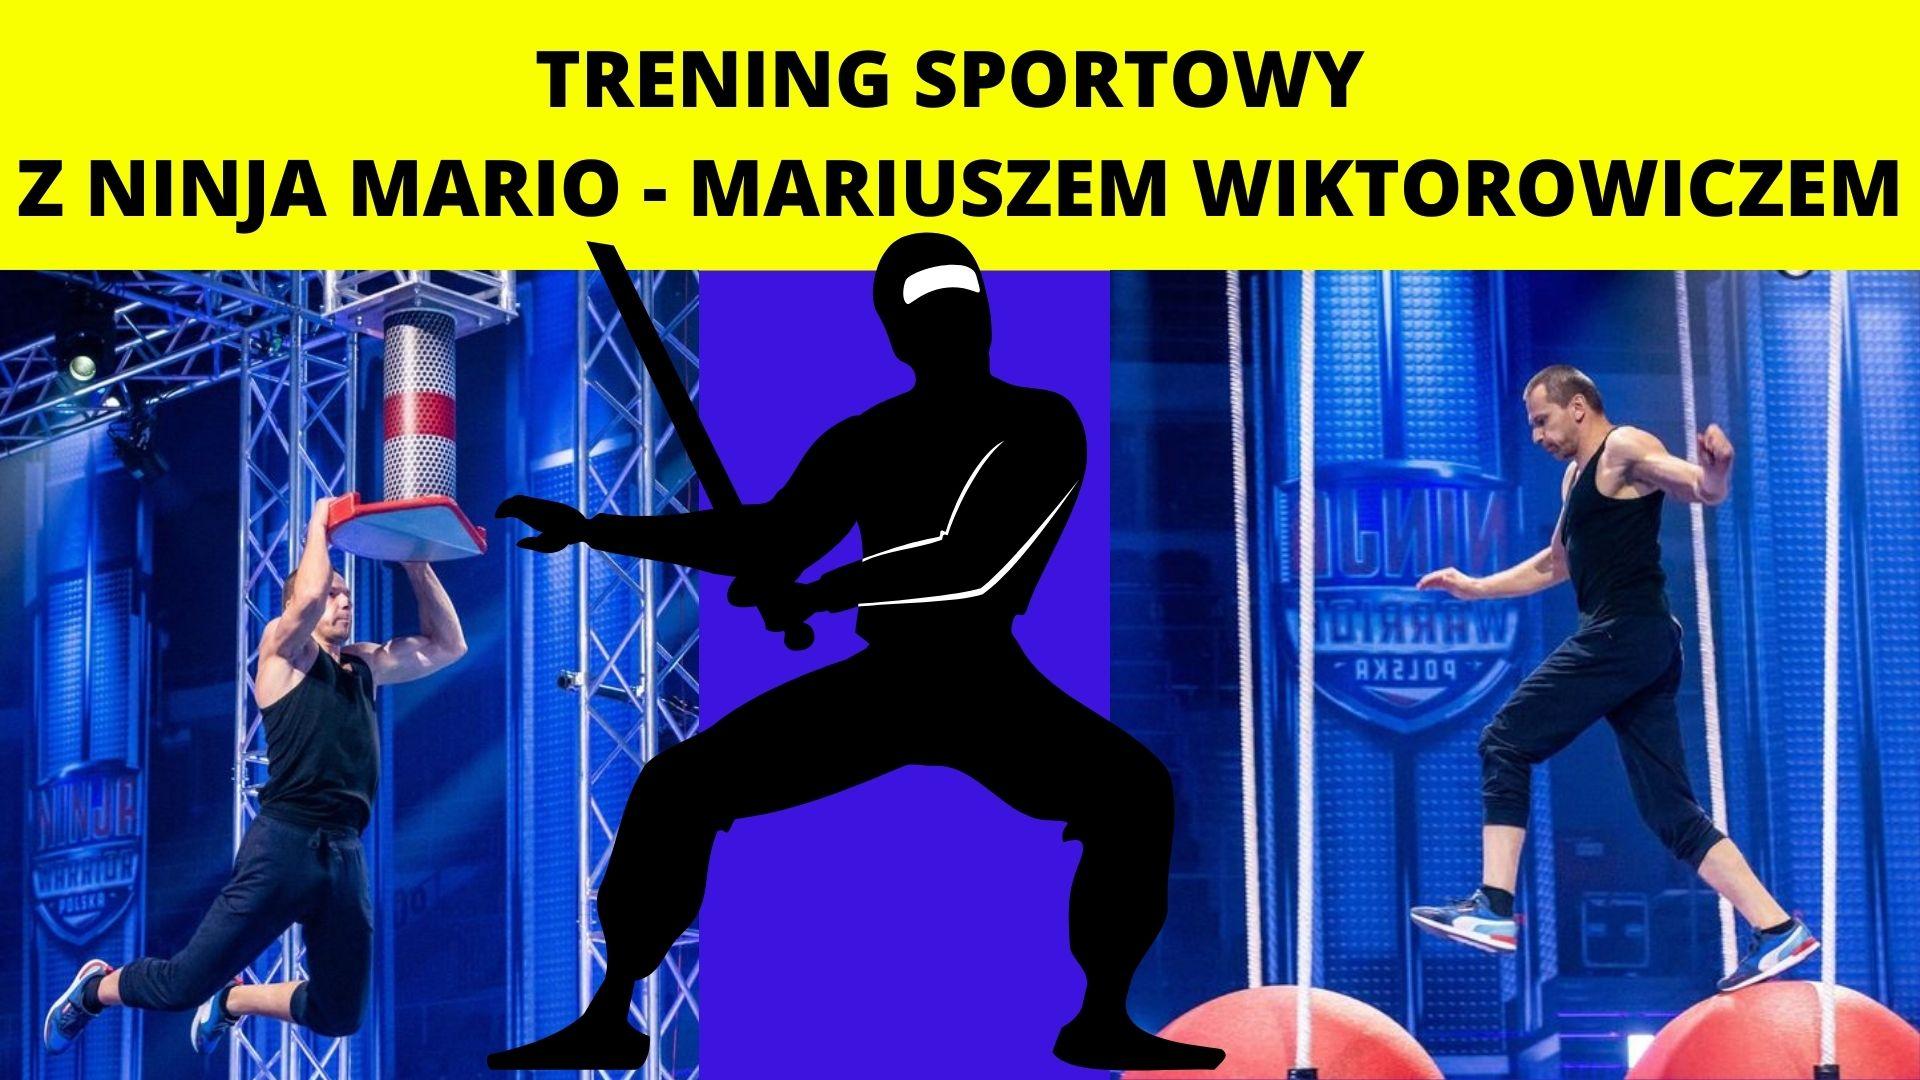 Trening Sportowy z NINJA MARIO - Mariuszem Wiktorowieczem